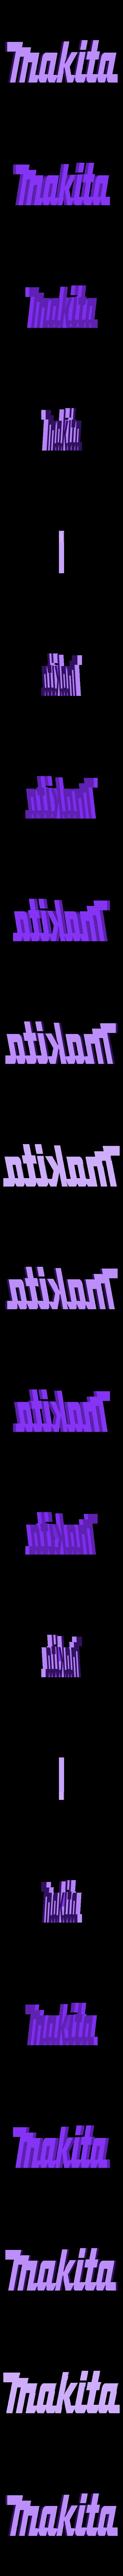 Makita do druku.stl Download STL file Makita sign • Model to 3D print, eMBe85